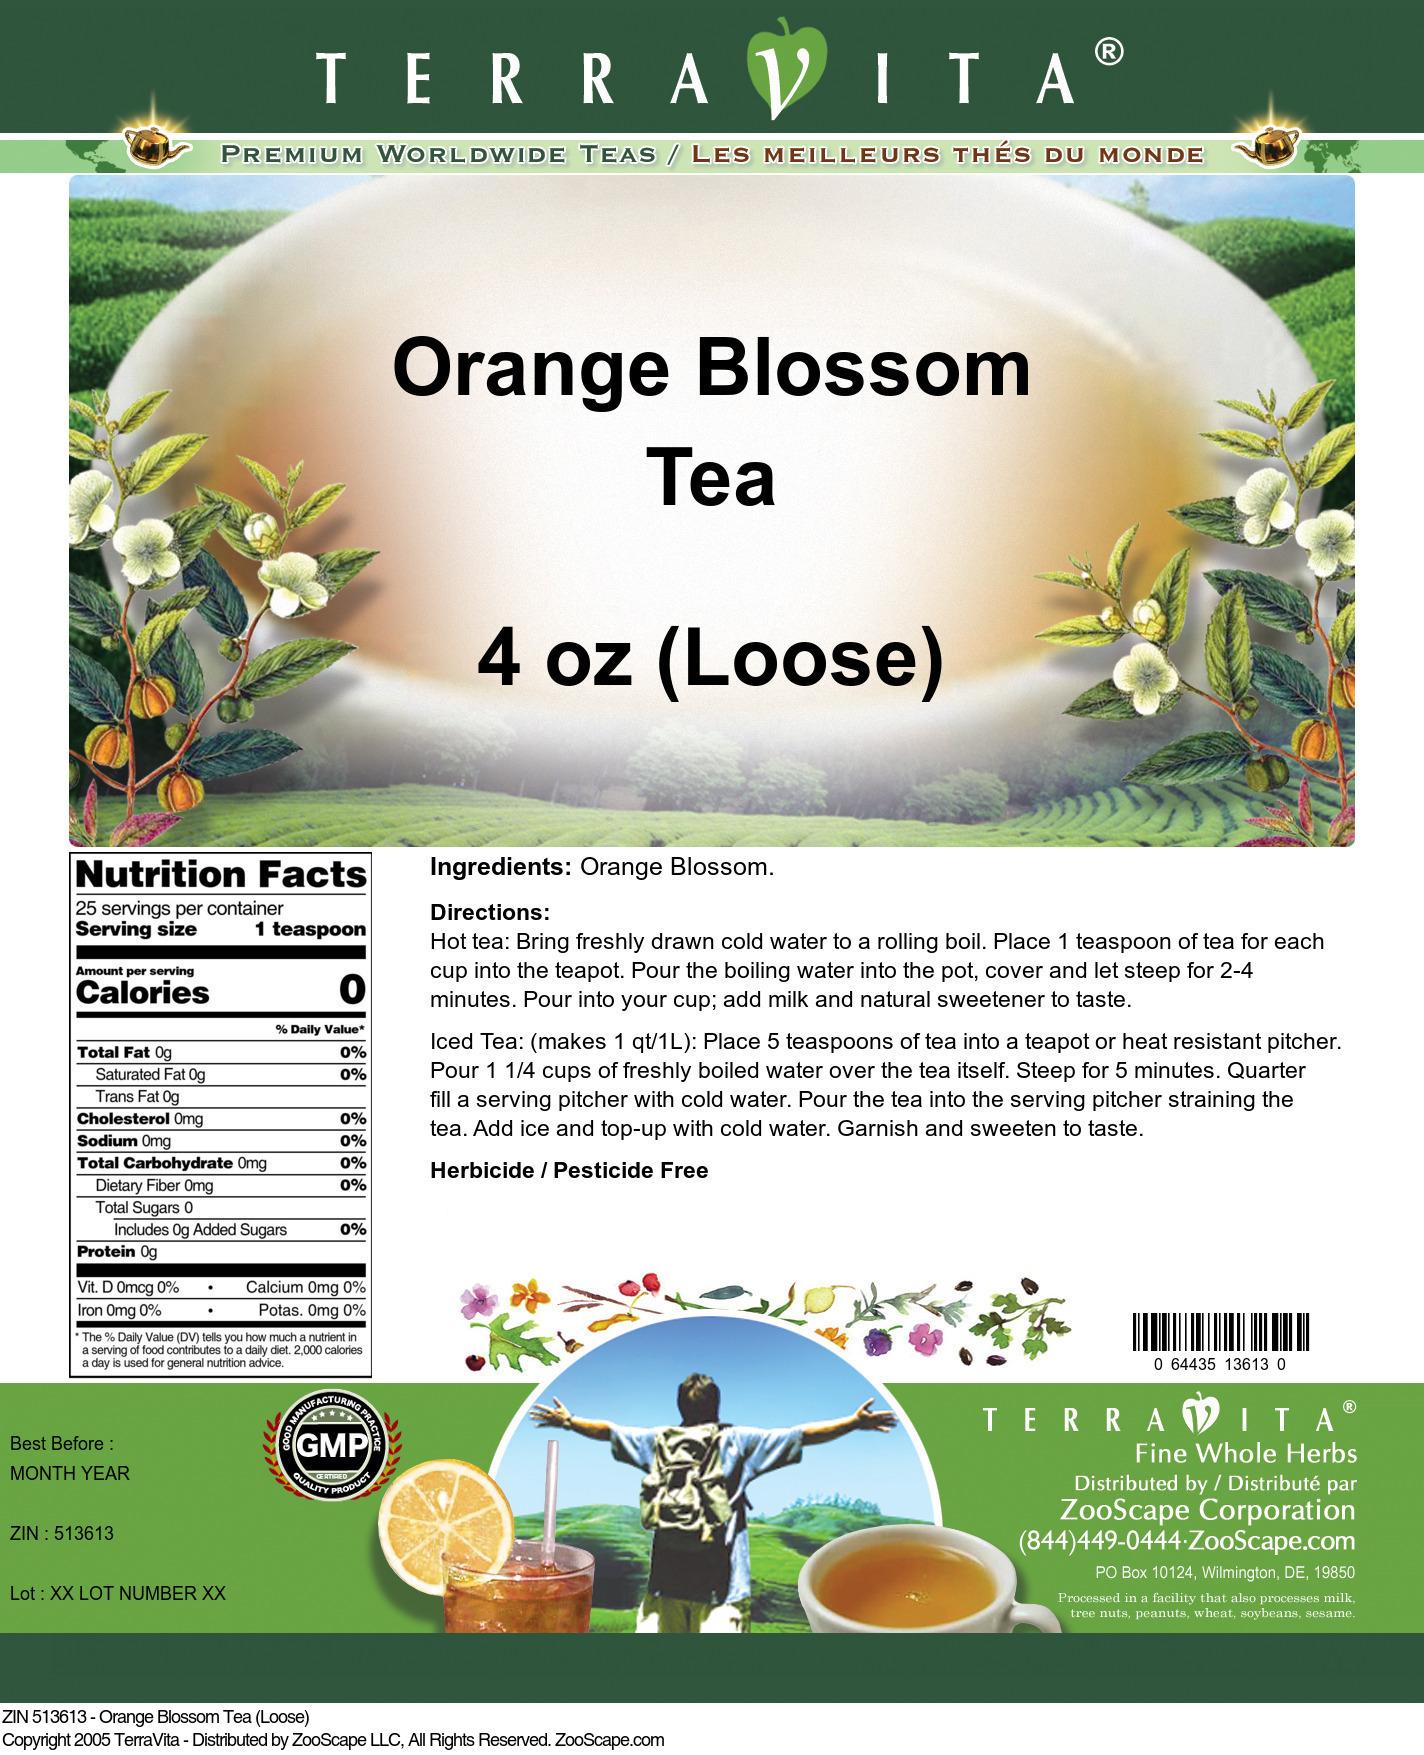 Orange Blossom / Flower